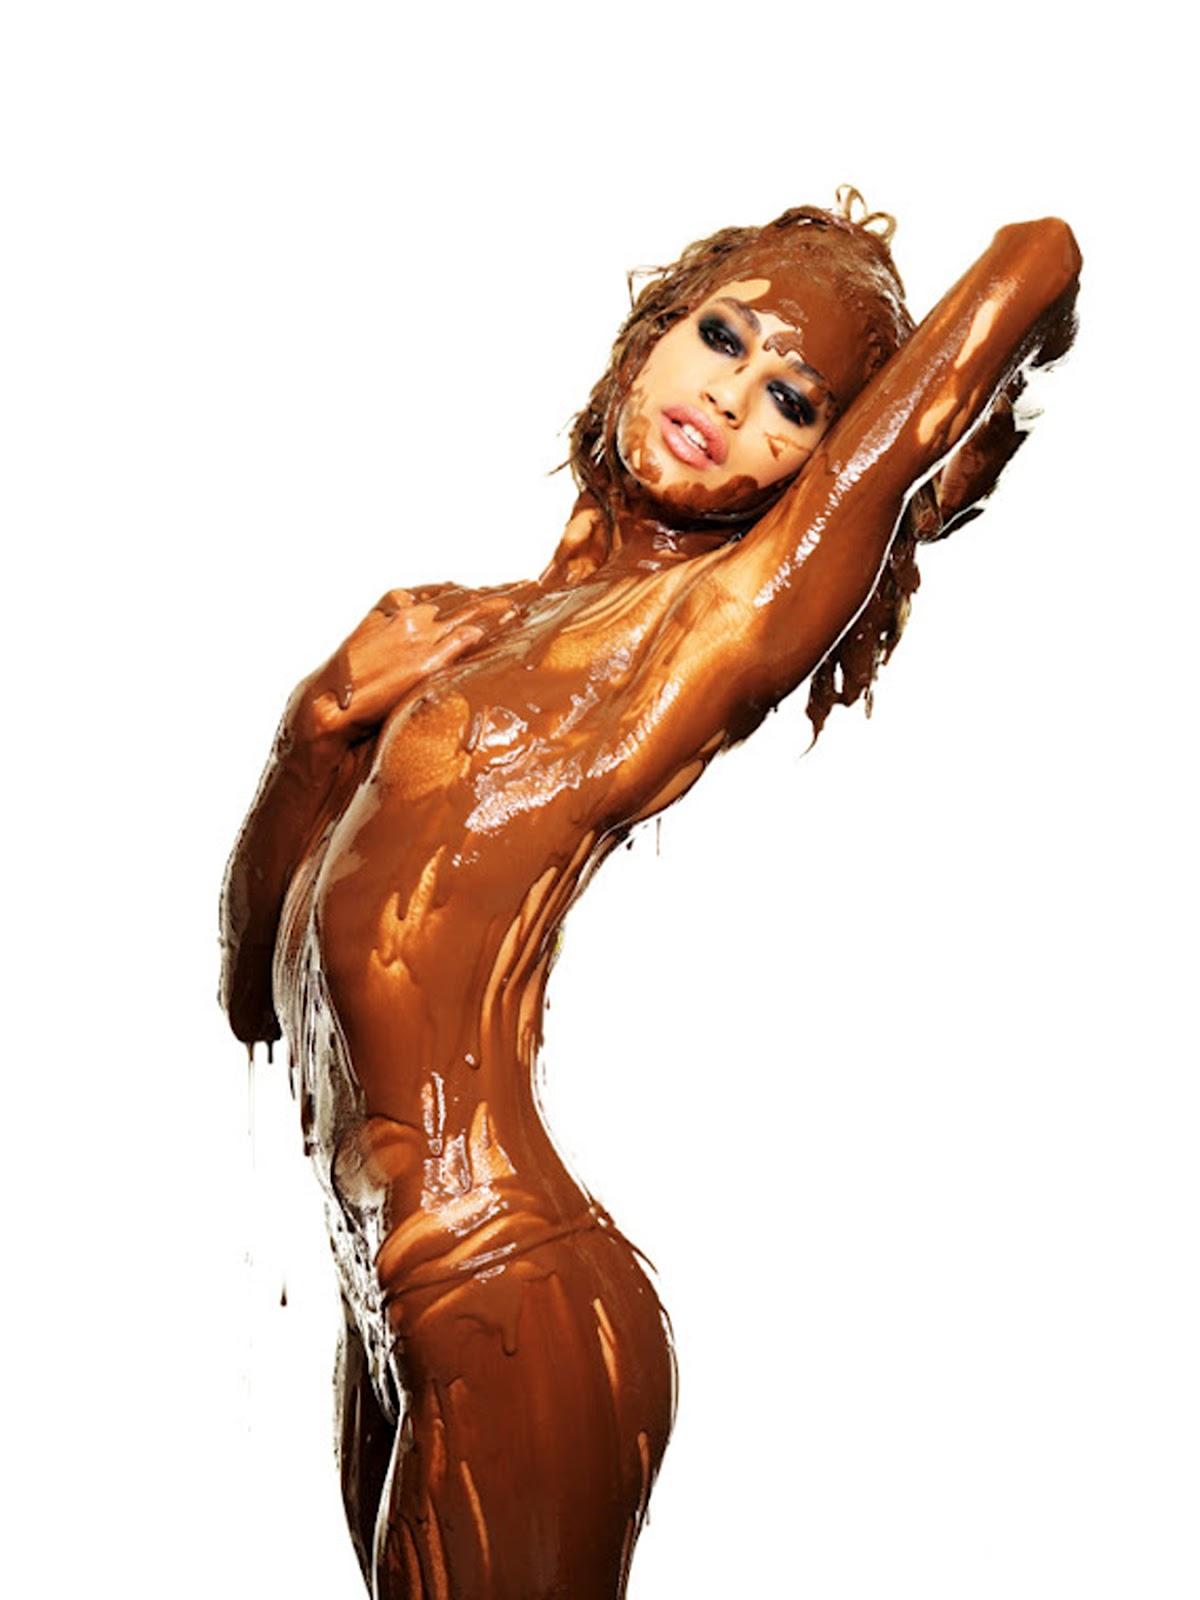 Фото мужик в шоколаде 18 фотография